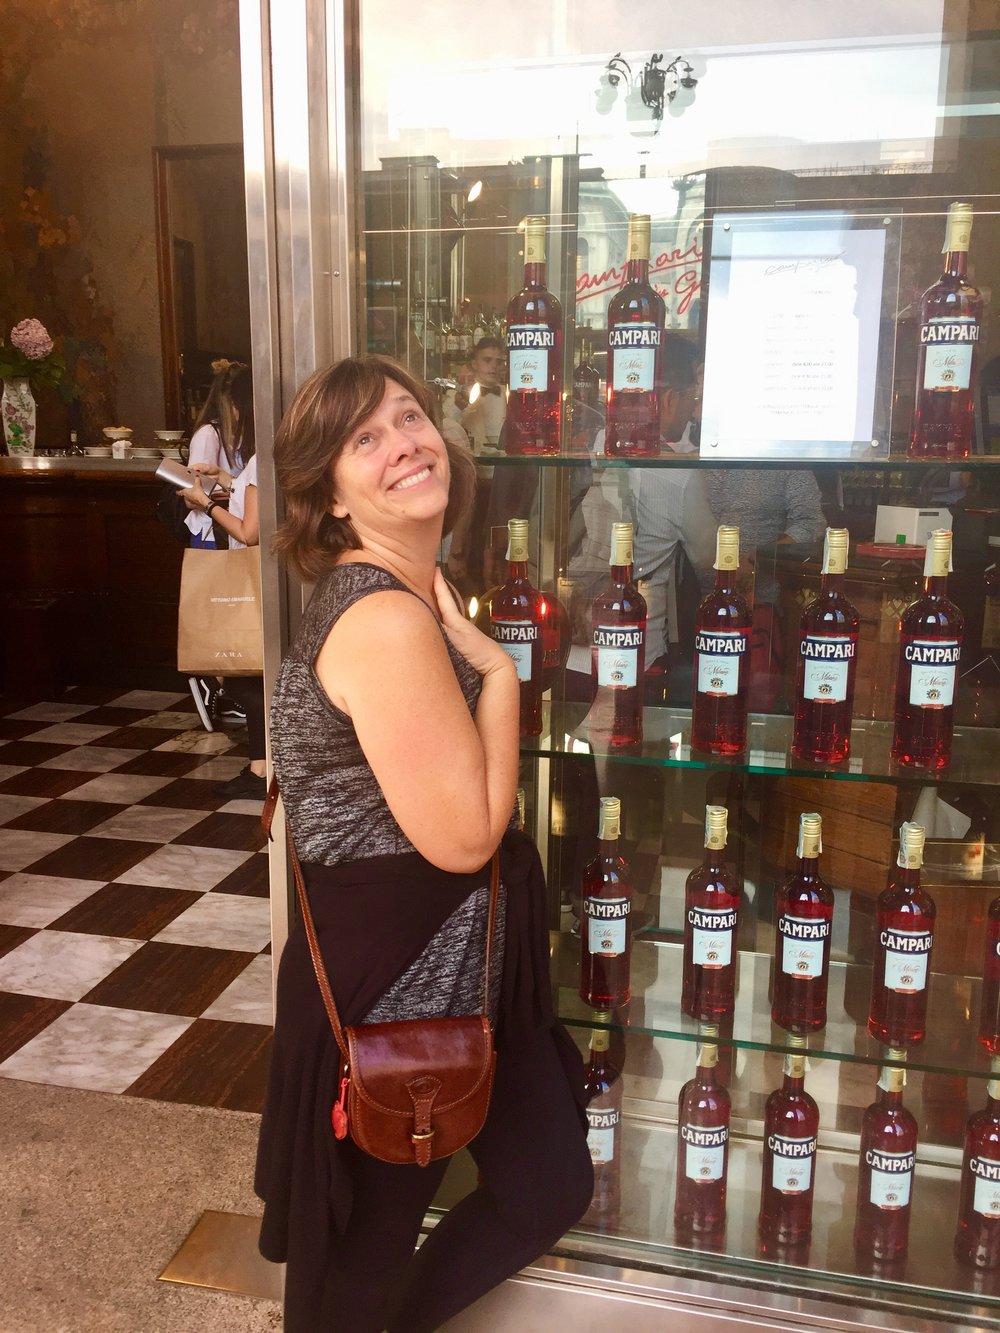 Betsy in   Campari   heaven